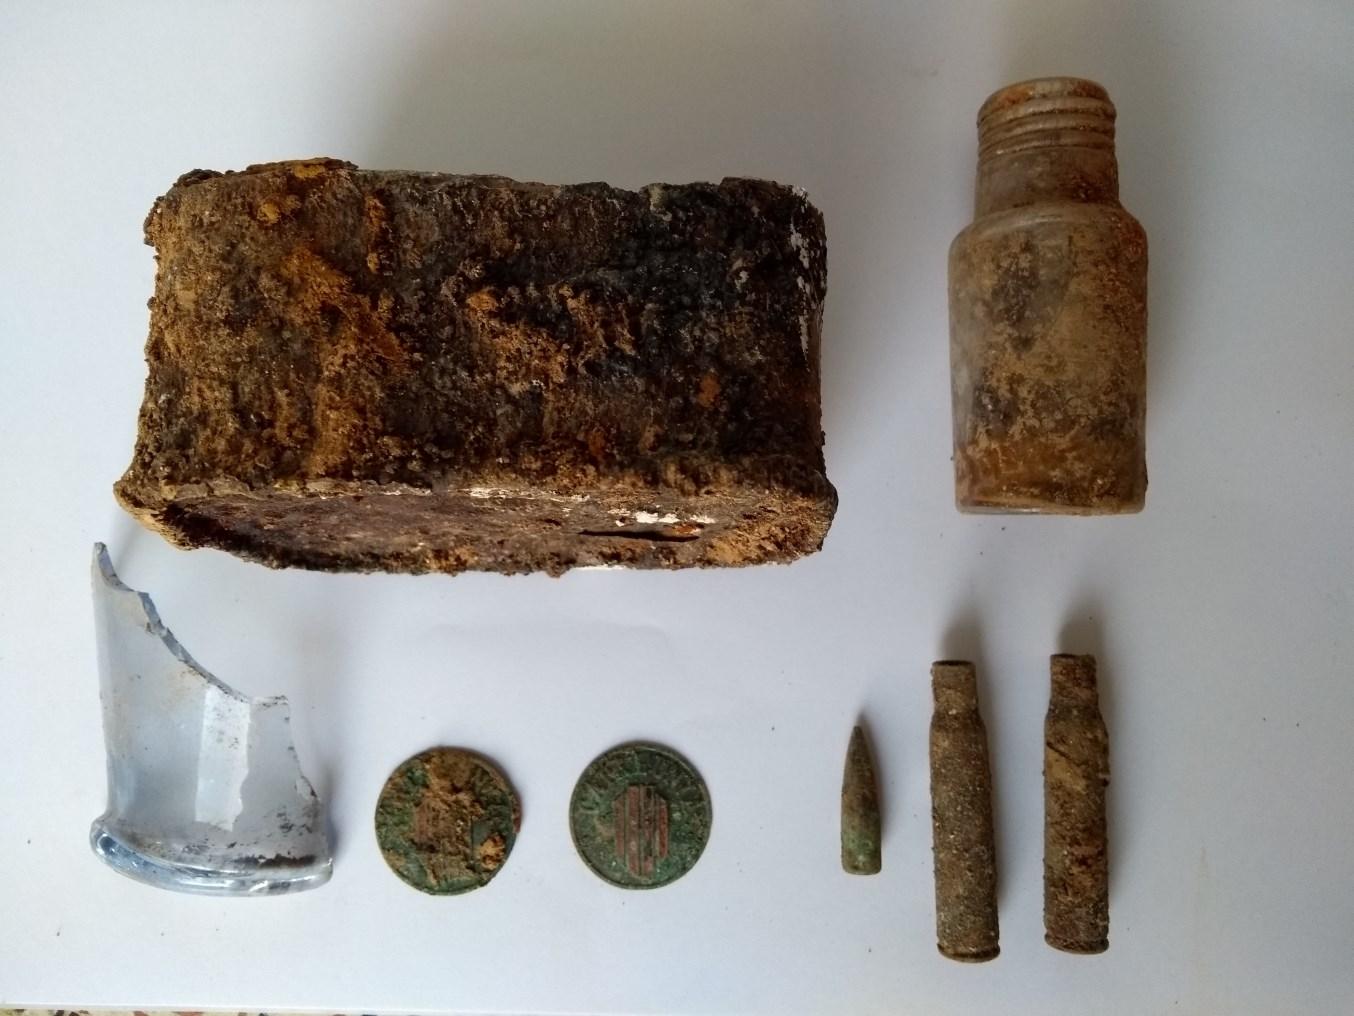 Materials arqueològics recollits durant els treballs de neteja de l'accés al refugi. Foto: Jordi Ardiaca